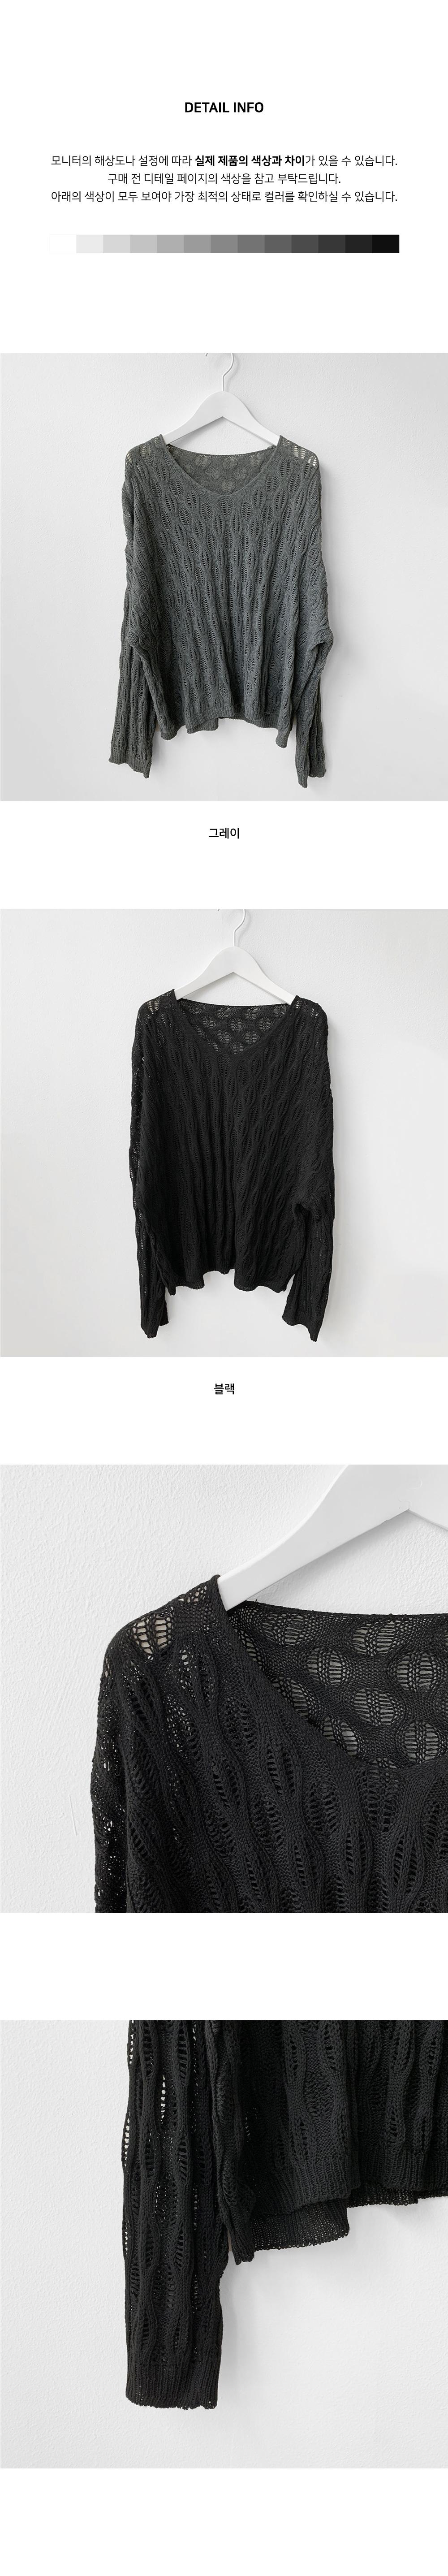 Built Loose-fit V-Neck Skirt Knitwear